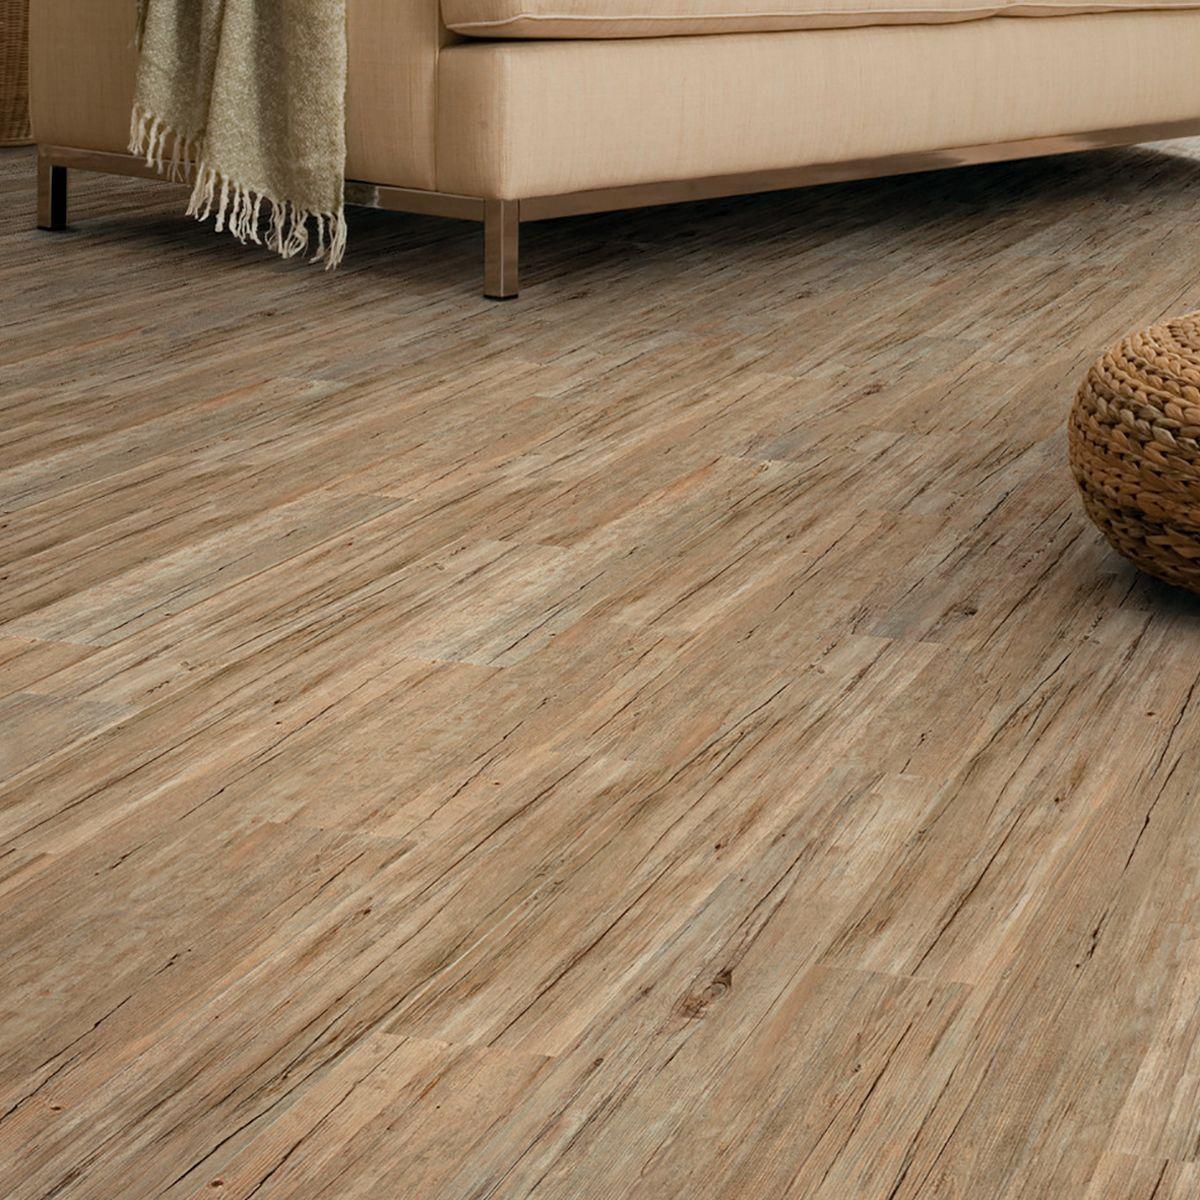 Pavimento adesivo cool amazon piastrelle per pavimento in - Piastrelle adesive pavimento ...